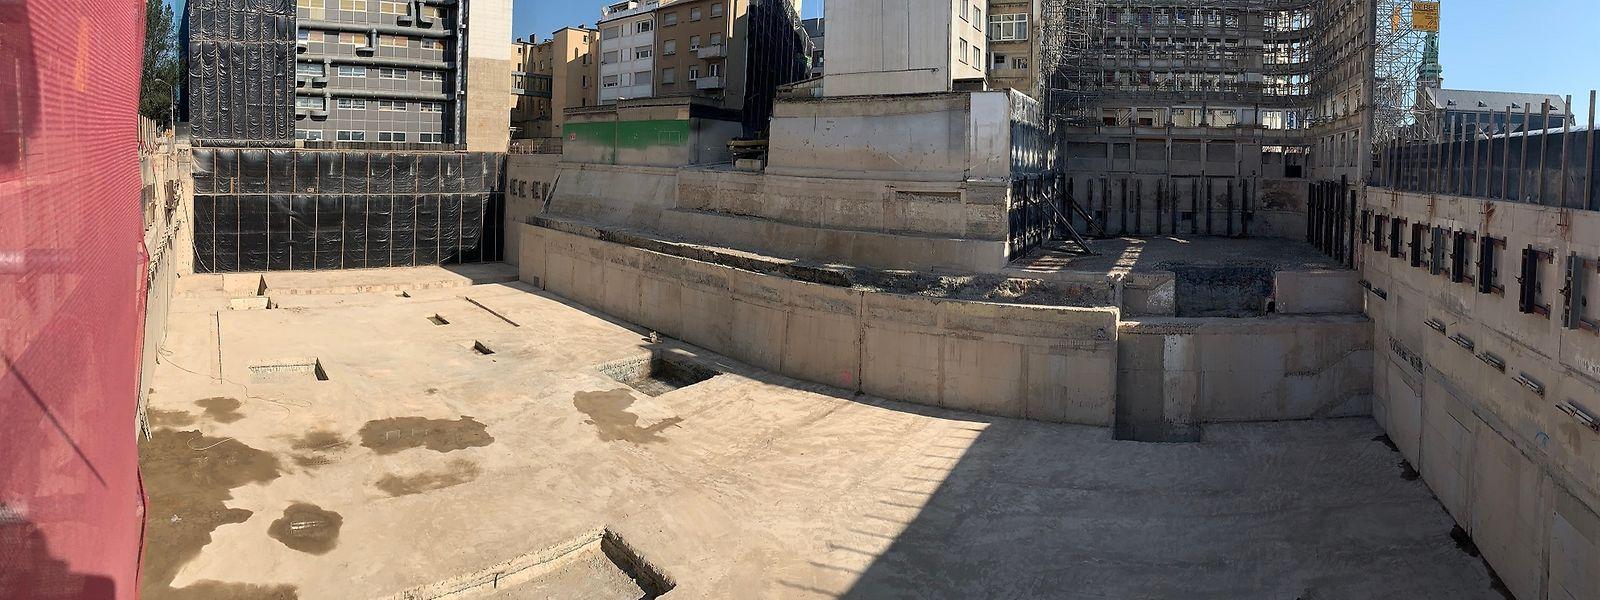 Une énorme fosse se situe désormais derrière la face du bâtiment «Accinauto» devant la gare centrale.